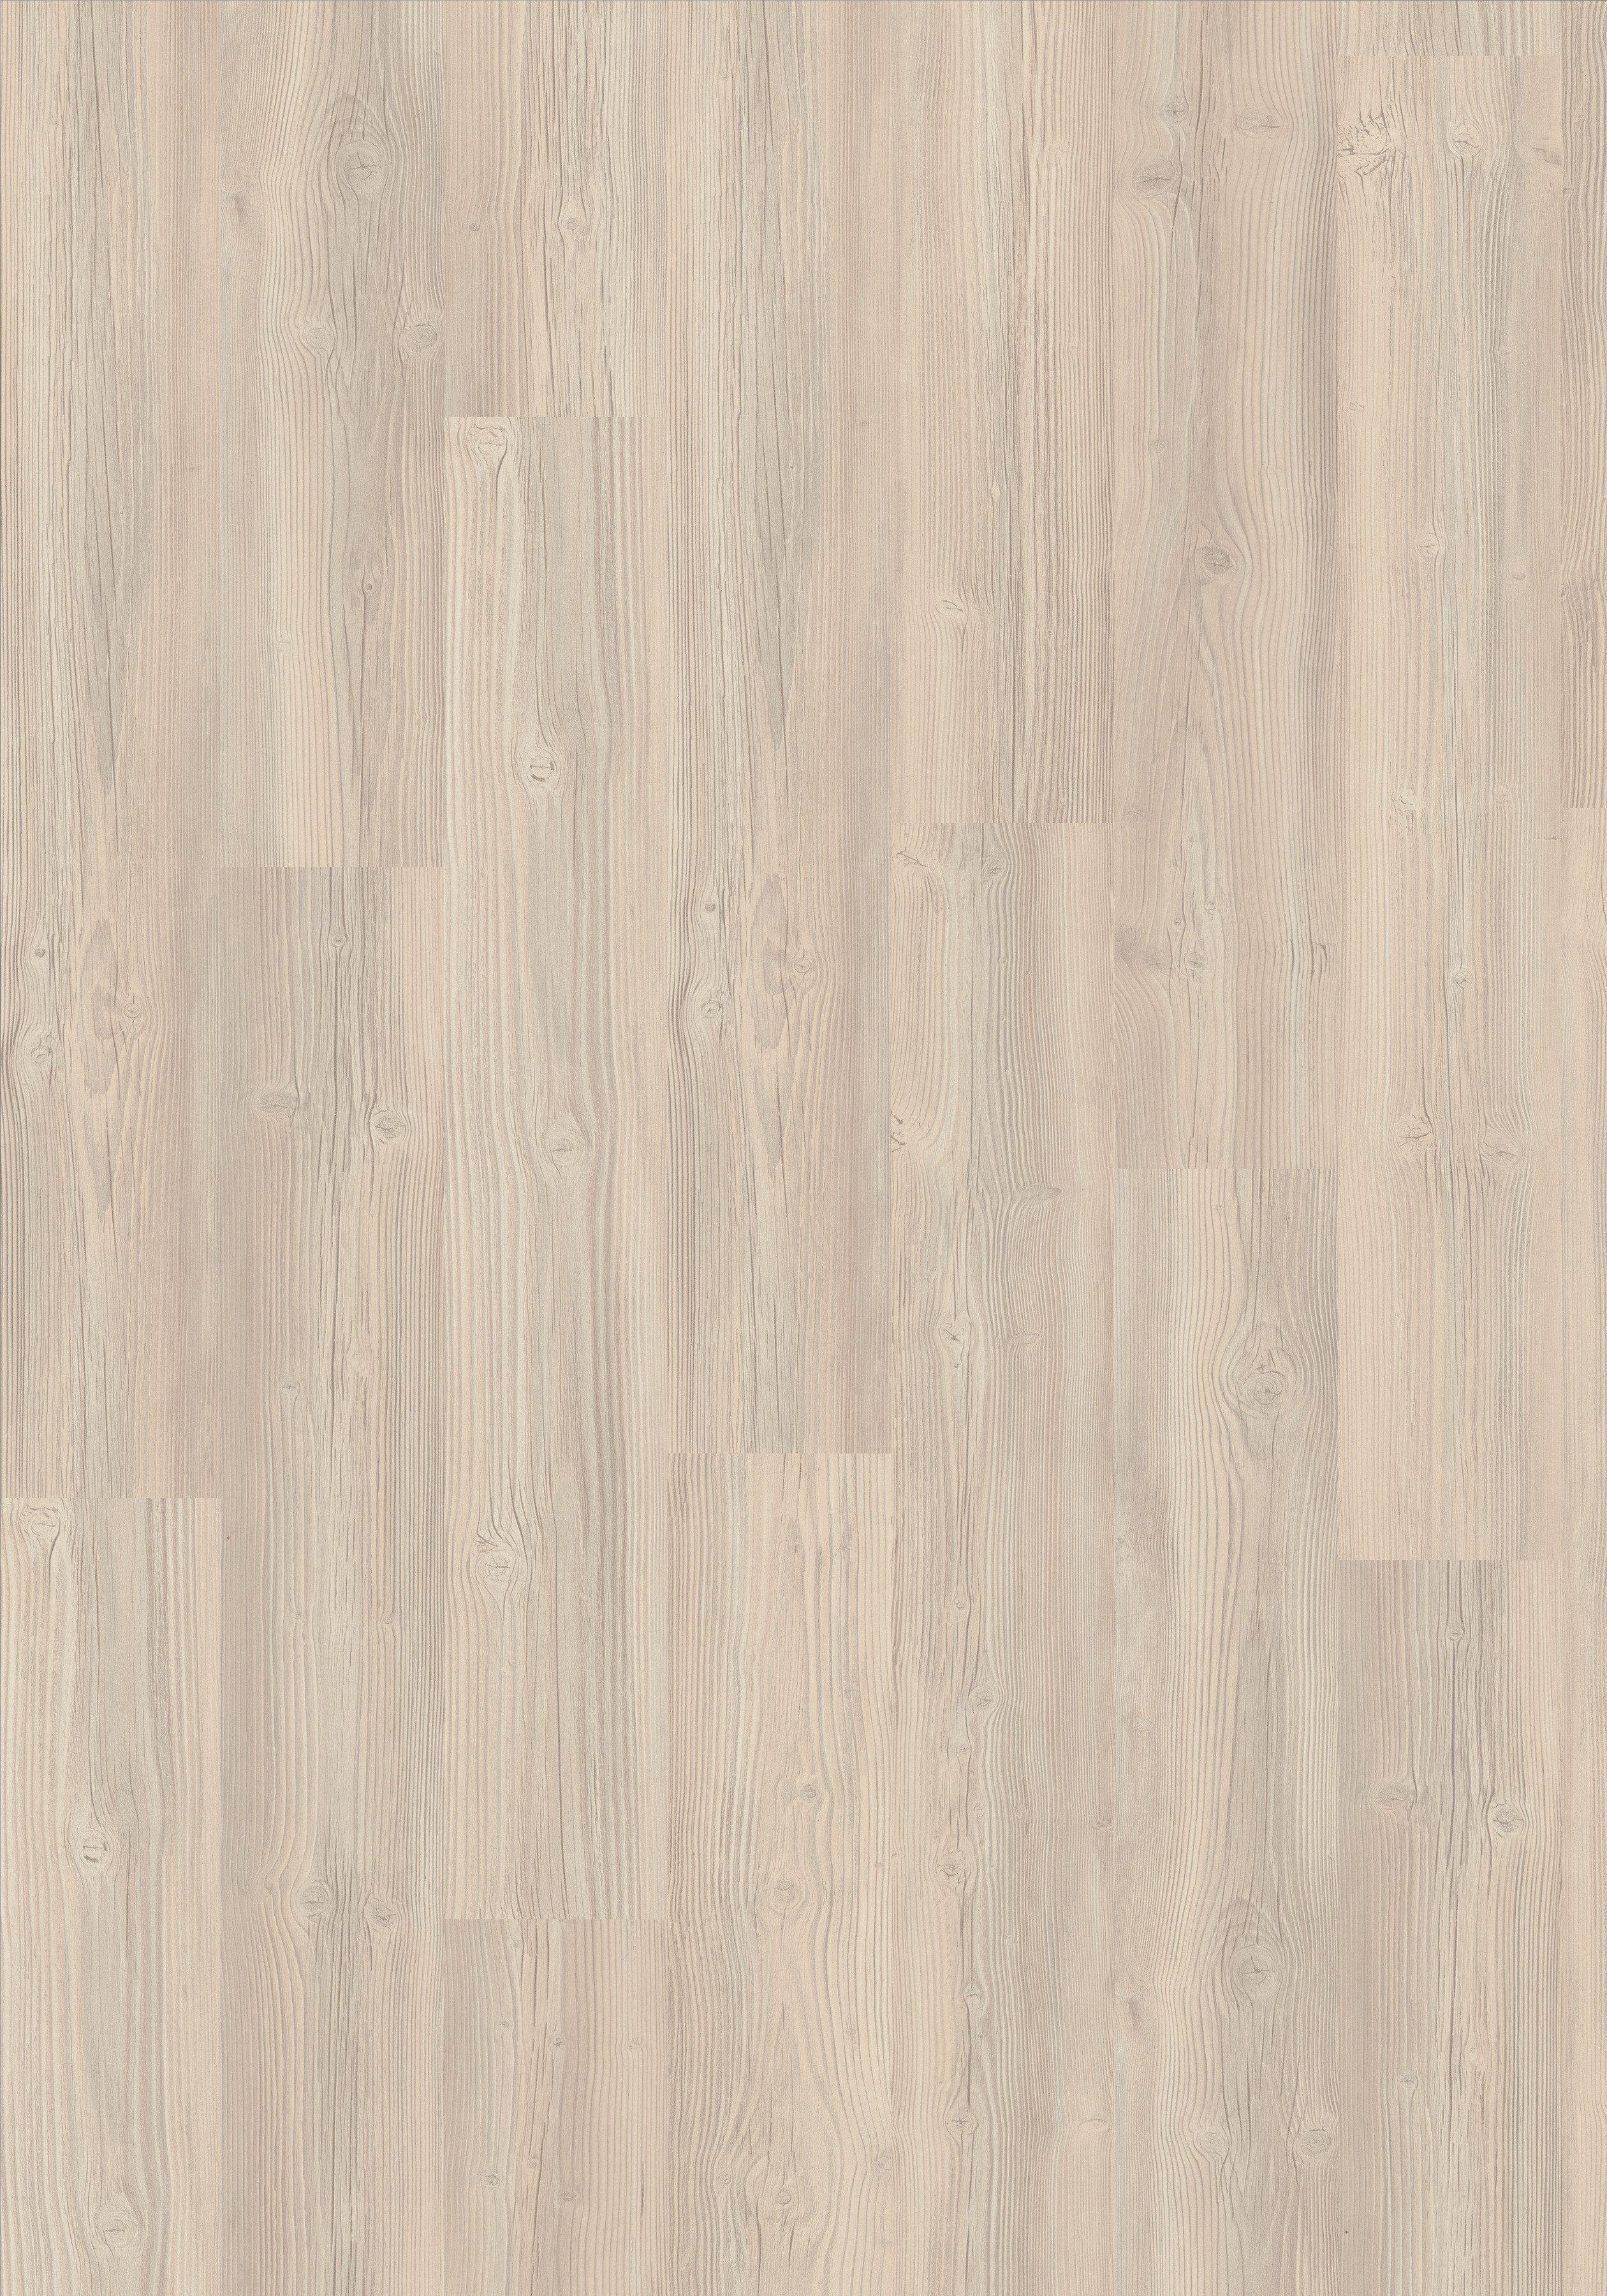 Megafloor Sockelleisten passend zum Korkpluslaminat »Megafloor cork+«, pinie weiß Nachbildung